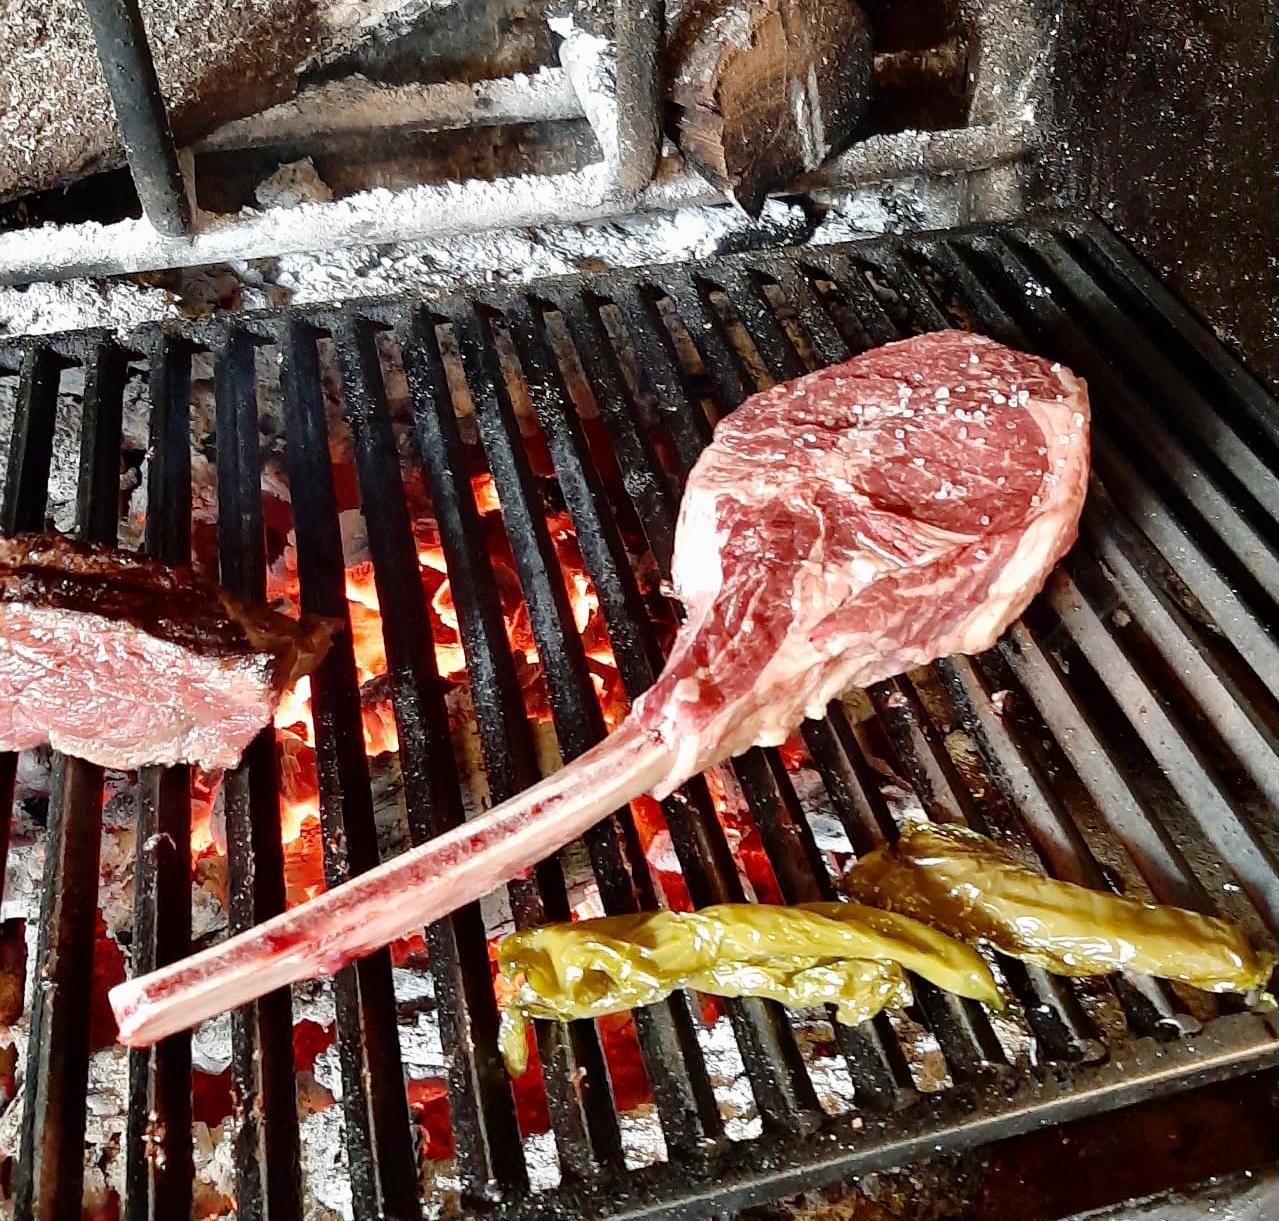 El restaurant El Solà de Canillo- Can Tony al costat del Palau de Gel - Especialistes en carns a la brasa i possiblement una de les millors barbacoes del Principat d'Andorra